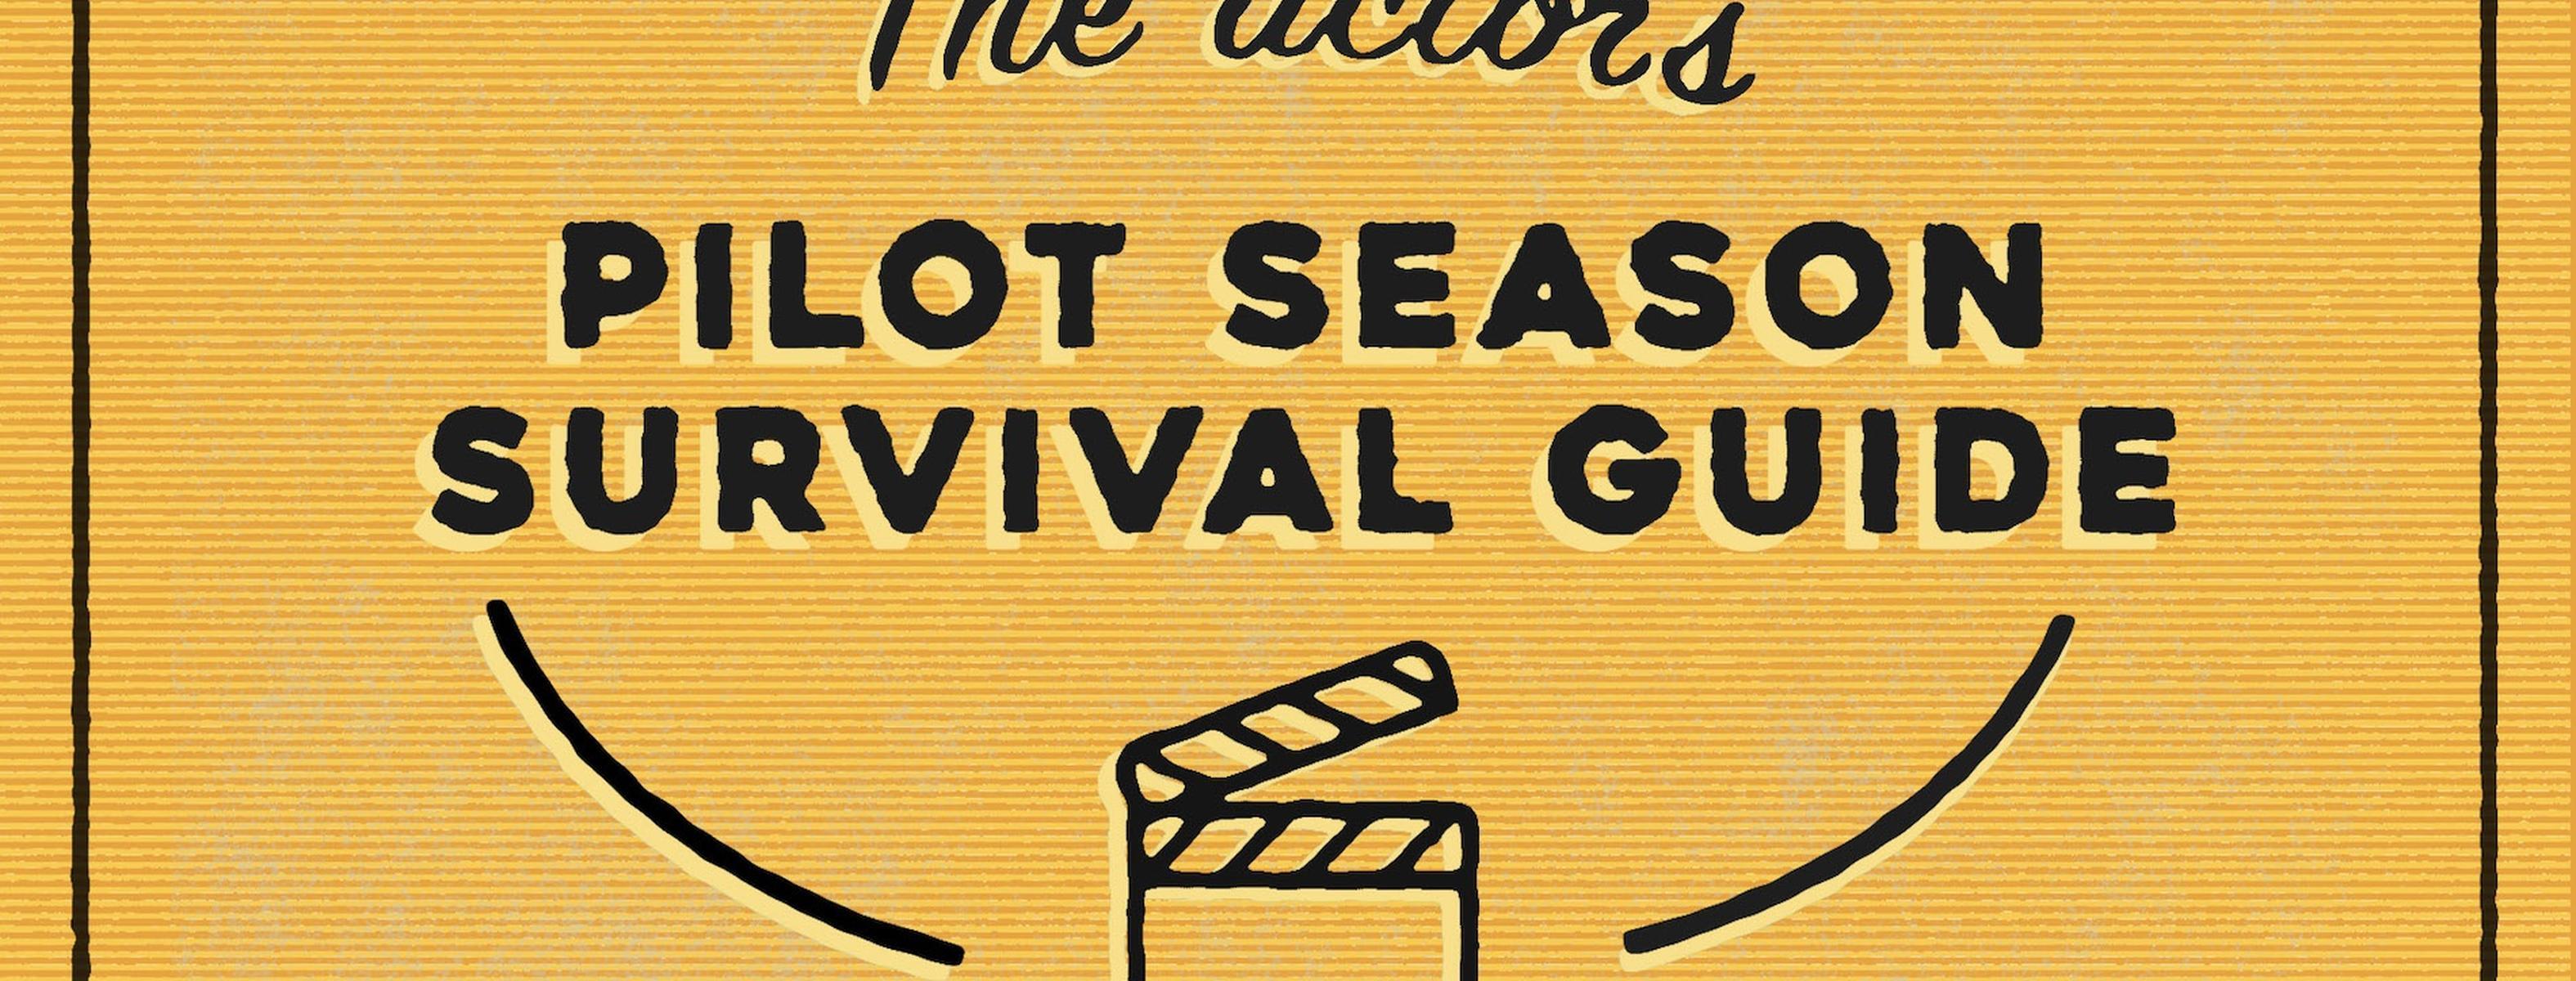 Pilot Season 2019: 10 Tips for Surviving + Staying Sane